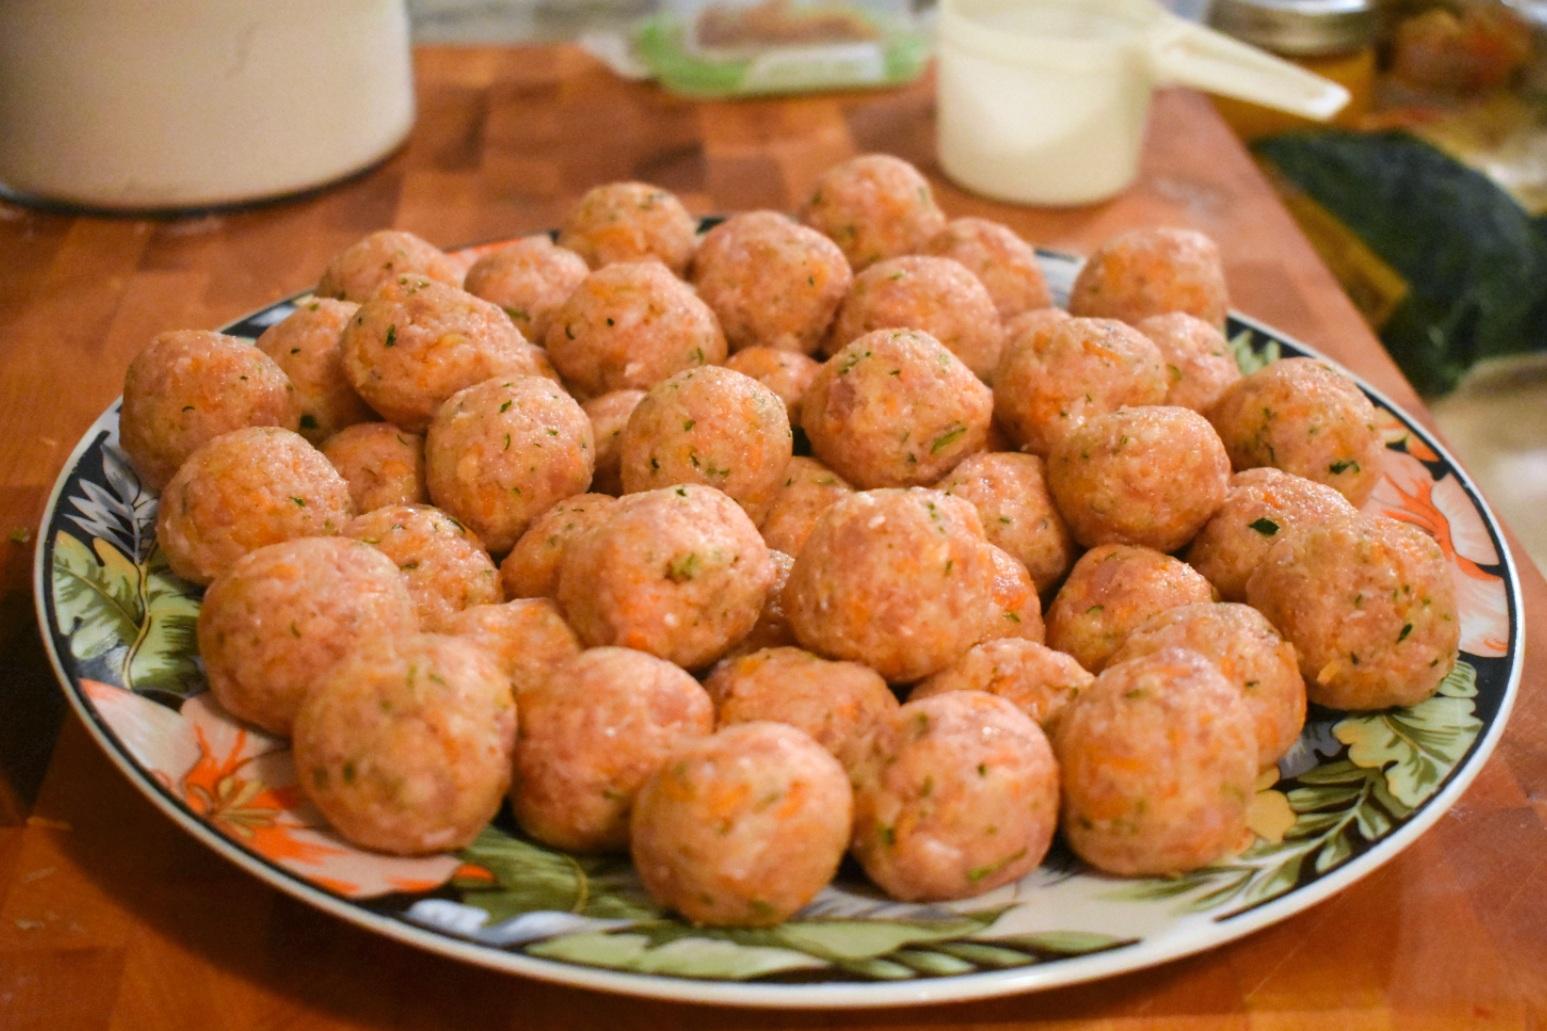 Boulettes de porc aux légumes - Auboutdelalangue.com (5)